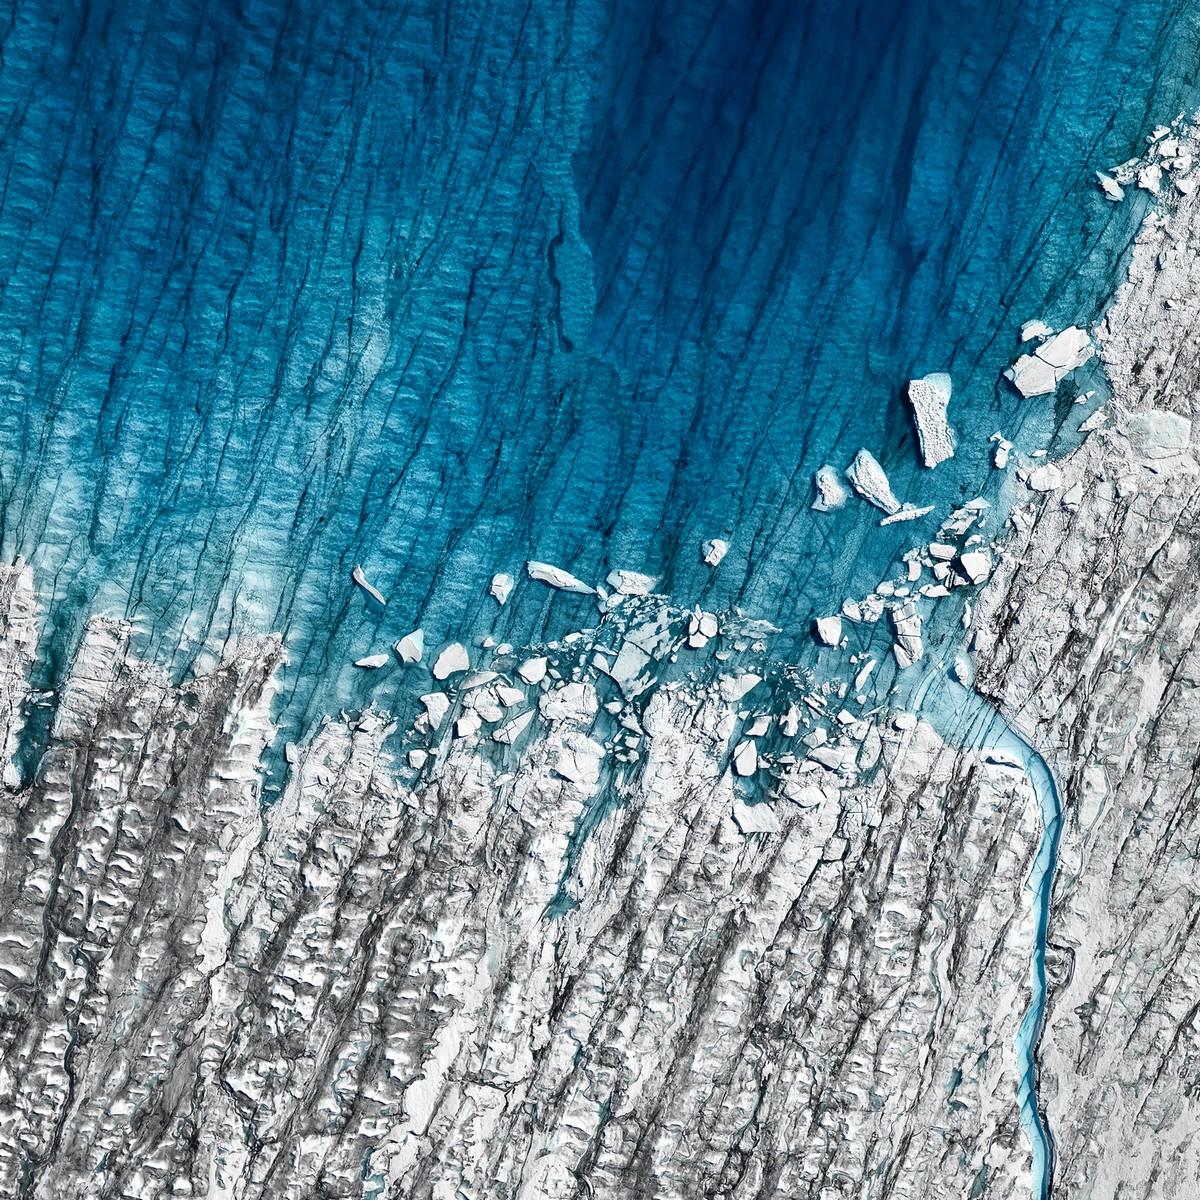 Оттепель: хрупкая красота тающих арктических льдов